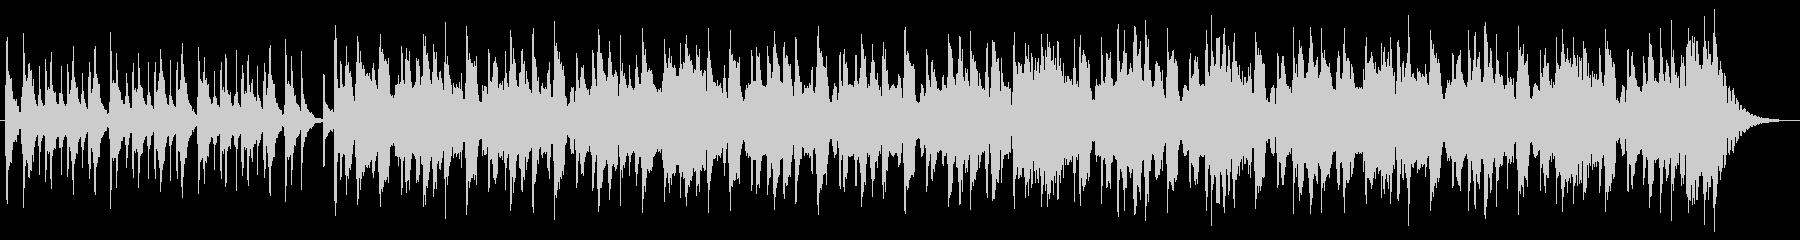 ハーモニカの明るいオープニング曲の未再生の波形